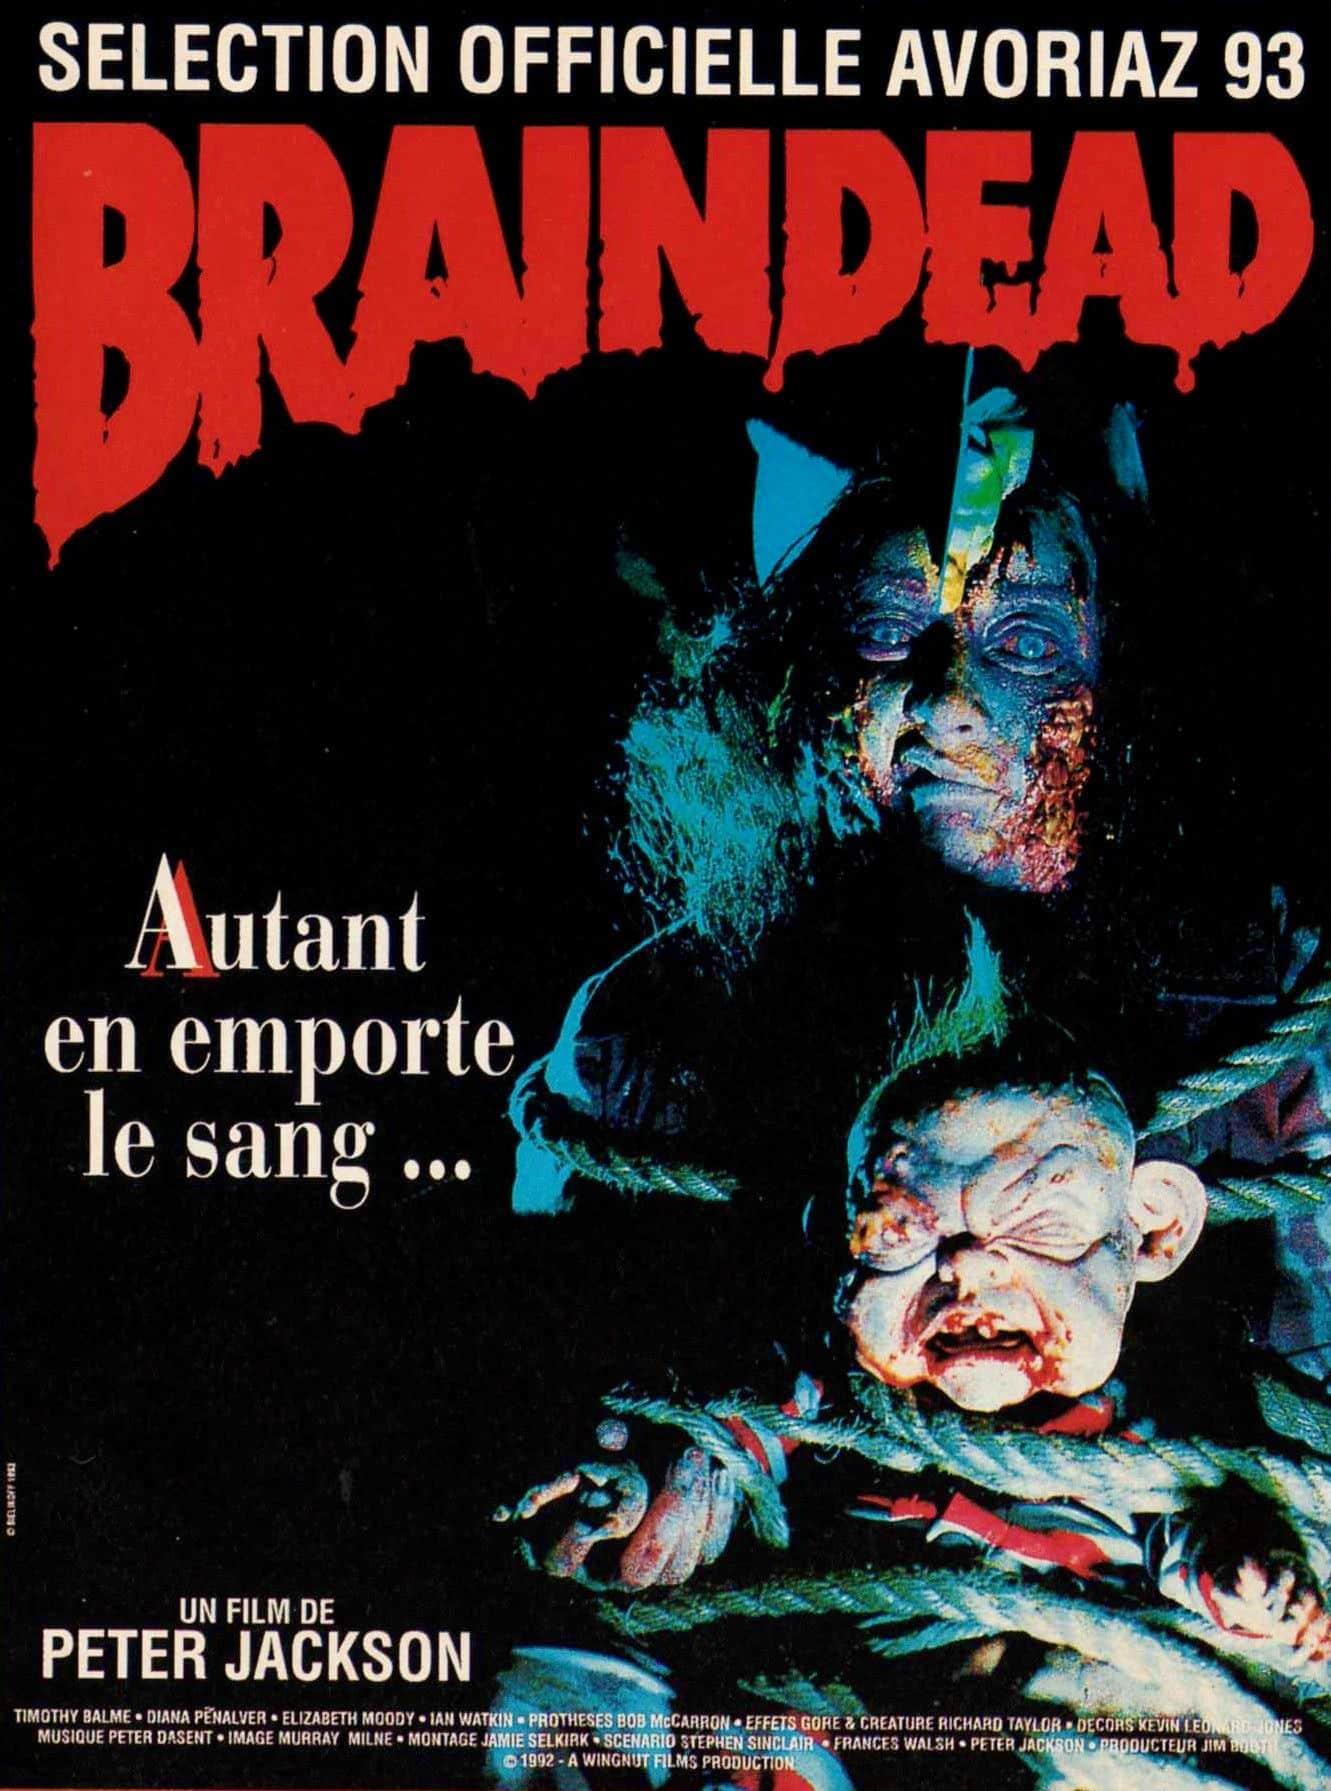 Film long-métrage jacksion braindead mort-vivant gore